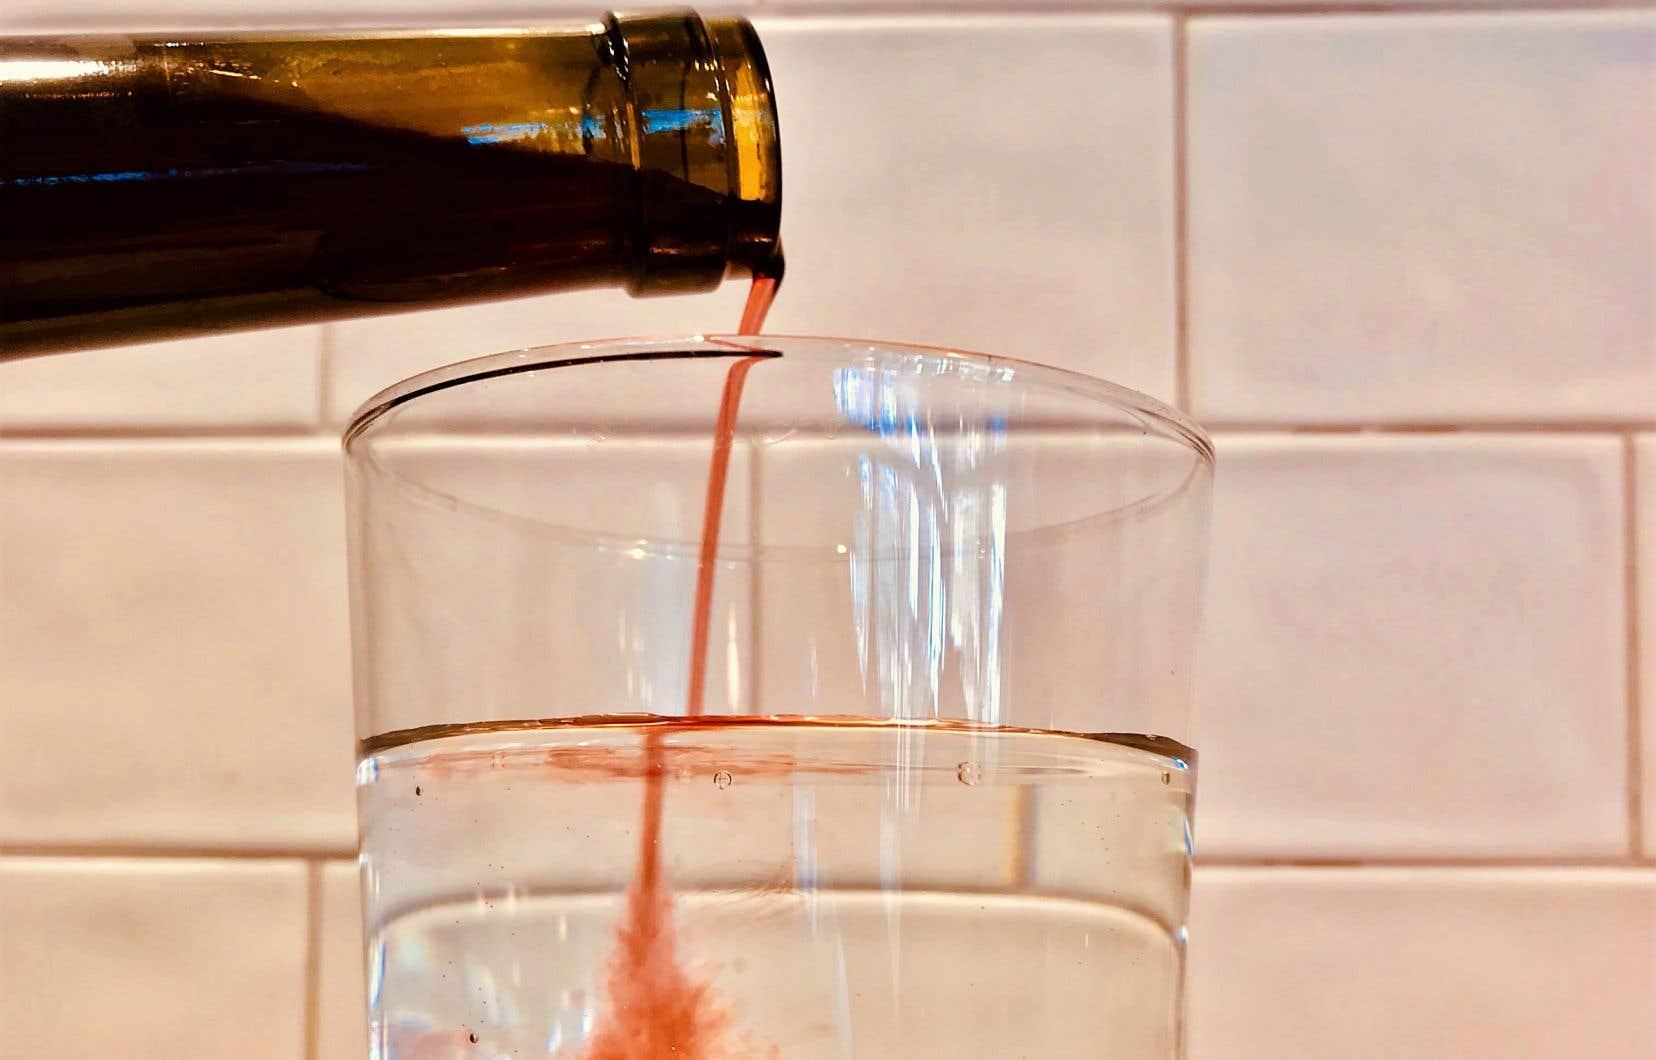 Mettre du vin dans son eau: ce n'est peut-être pas une bonne idée!